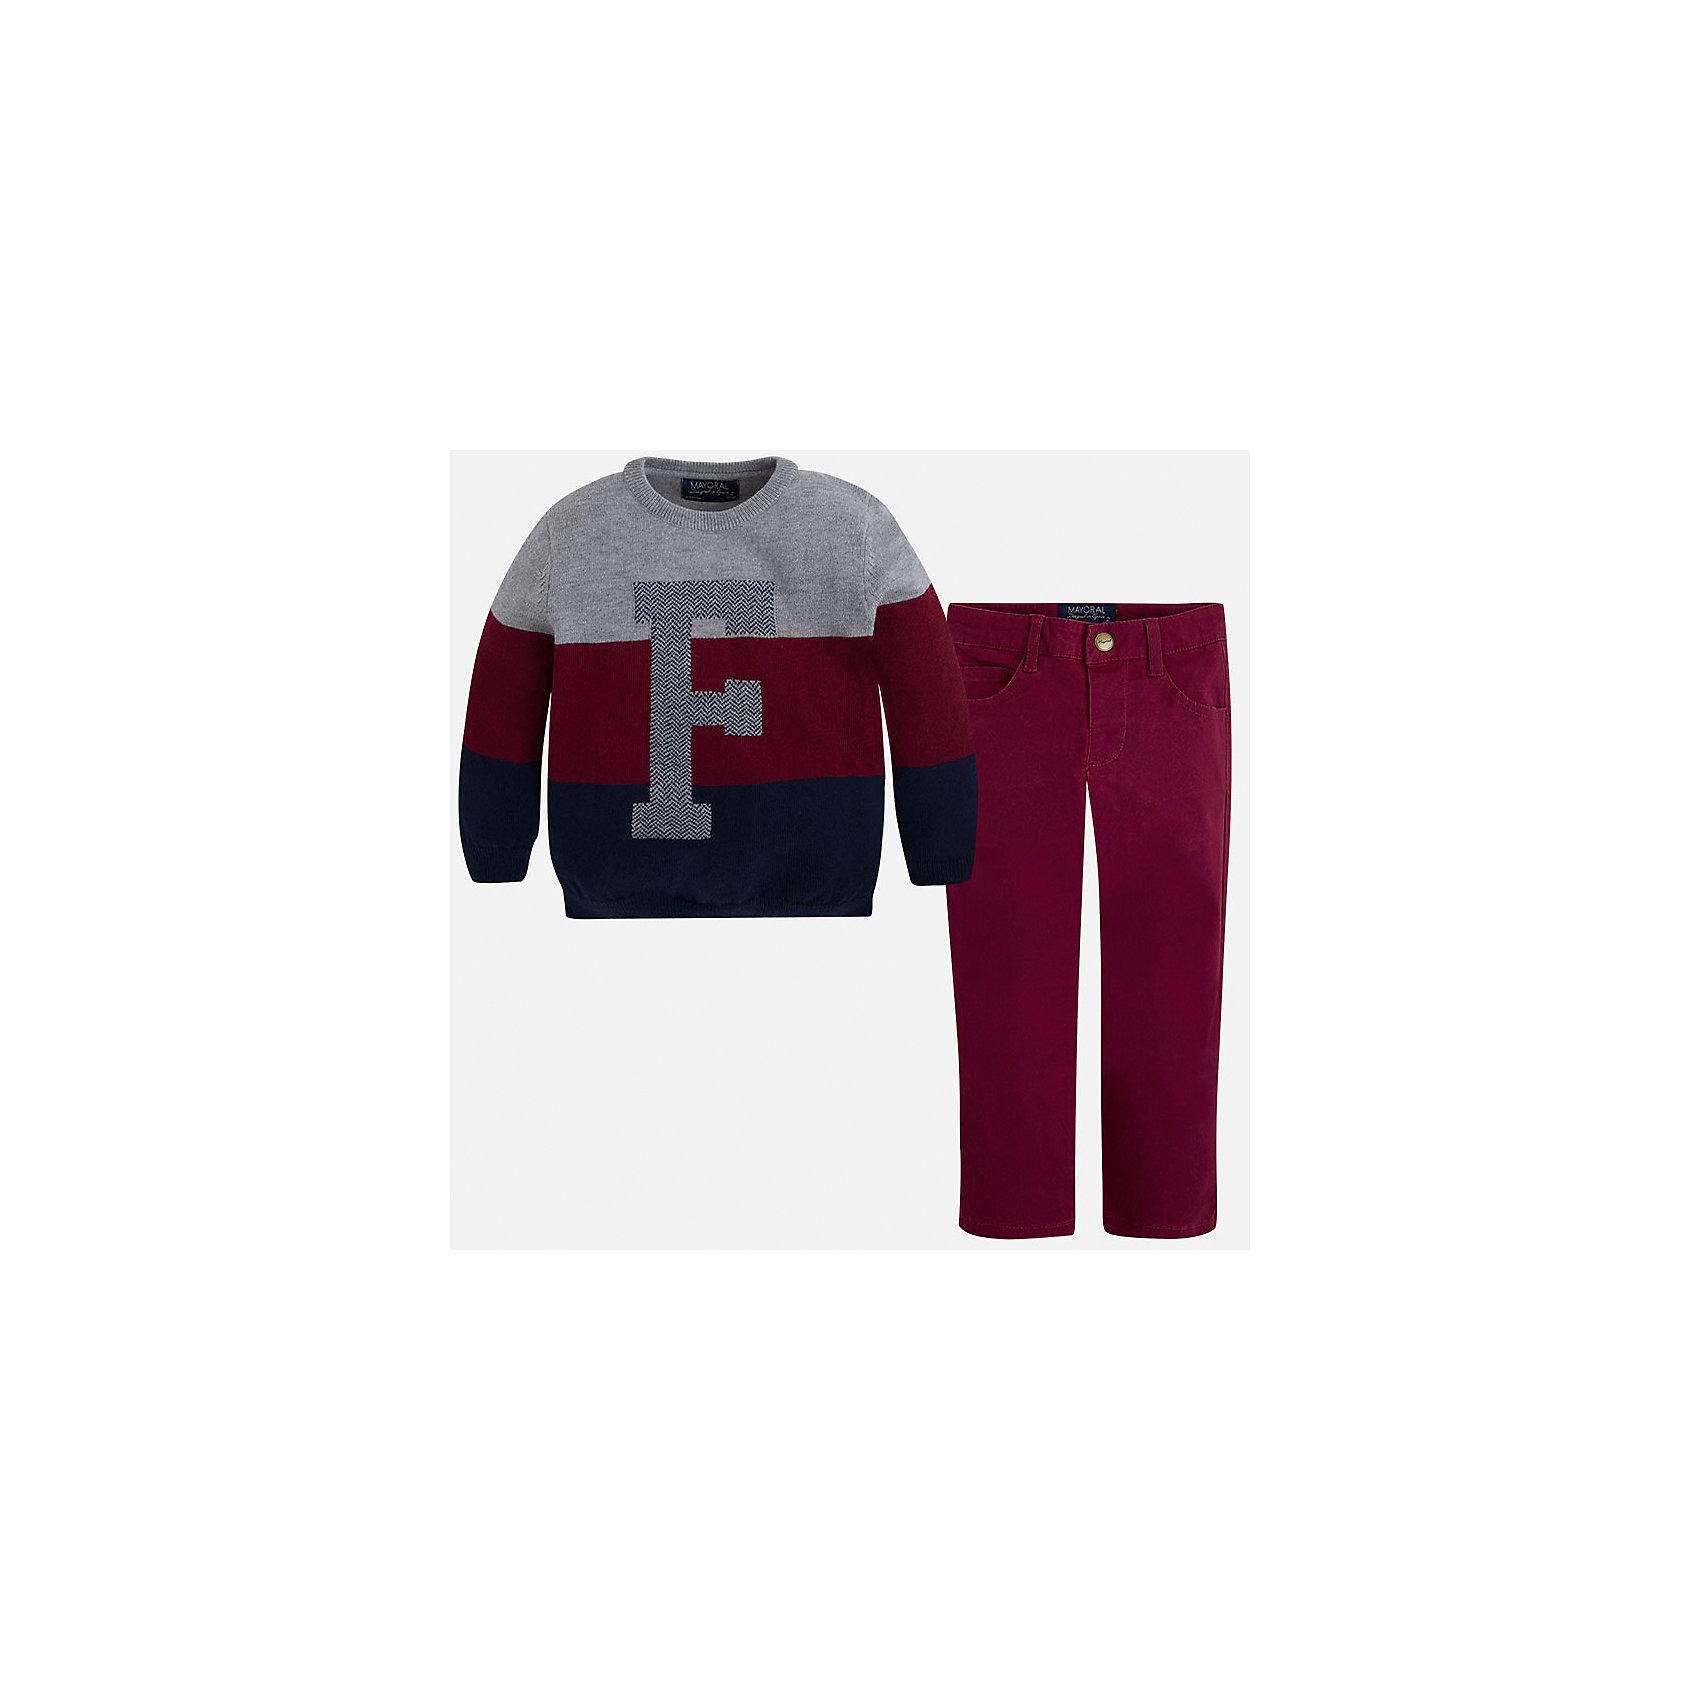 Комплект: брюки и свитер для мальчика MayoralКрасивый комплект состоящий из свитера и брюк, отлично подойдет юному моднику.<br><br>Дополнительная информация:<br><br>- В комплекте: брюки и свитер.<br>- Крой: прямой крой.<br>- Страна бренда: Испания.<br>- Состав: хлопок 60%, полиамид 30%, шерсть 10%.<br>- Цвет: вишневый.<br>- Уход: бережная стирка при 30 градусах.<br><br>Купить комплект брюки и свитер для мальчика Mayoral, можно в нашем магазине.<br><br>Ширина мм: 190<br>Глубина мм: 74<br>Высота мм: 229<br>Вес г: 236<br>Цвет: бордовый<br>Возраст от месяцев: 24<br>Возраст до месяцев: 36<br>Пол: Мужской<br>Возраст: Детский<br>Размер: 98,104,110,122,134,128,116<br>SKU: 4826480